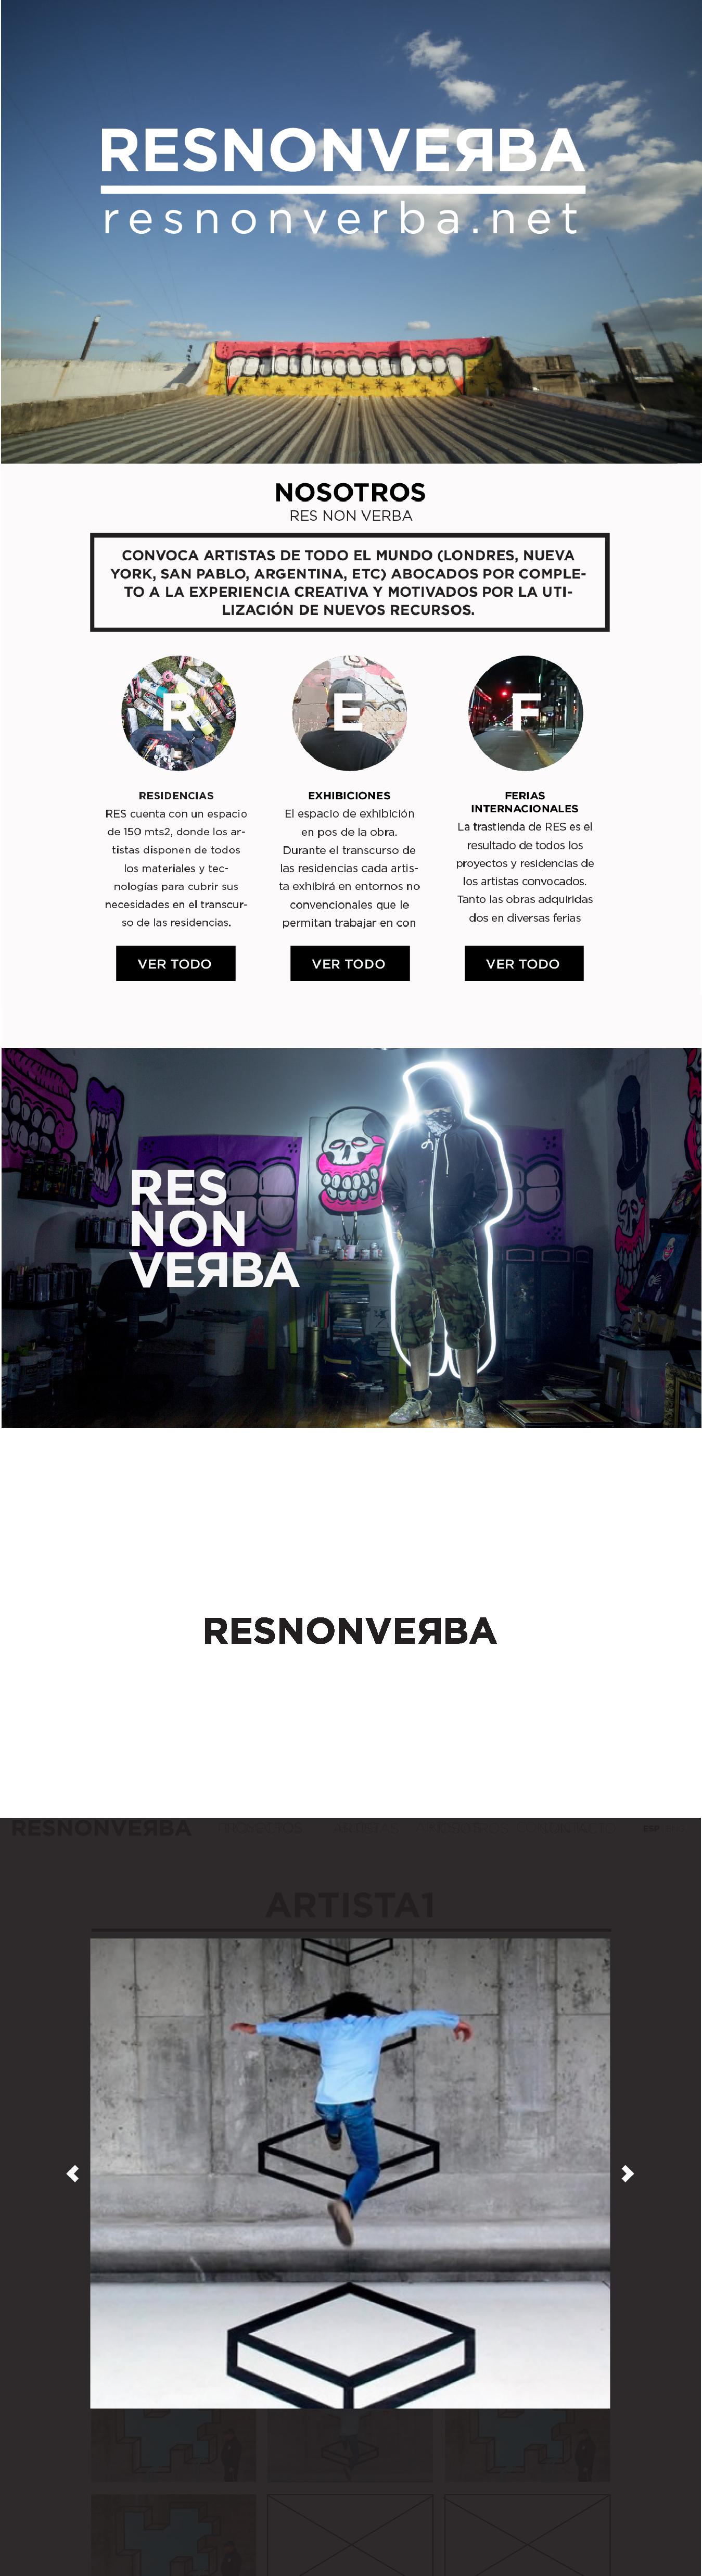 ResNonVerba-03